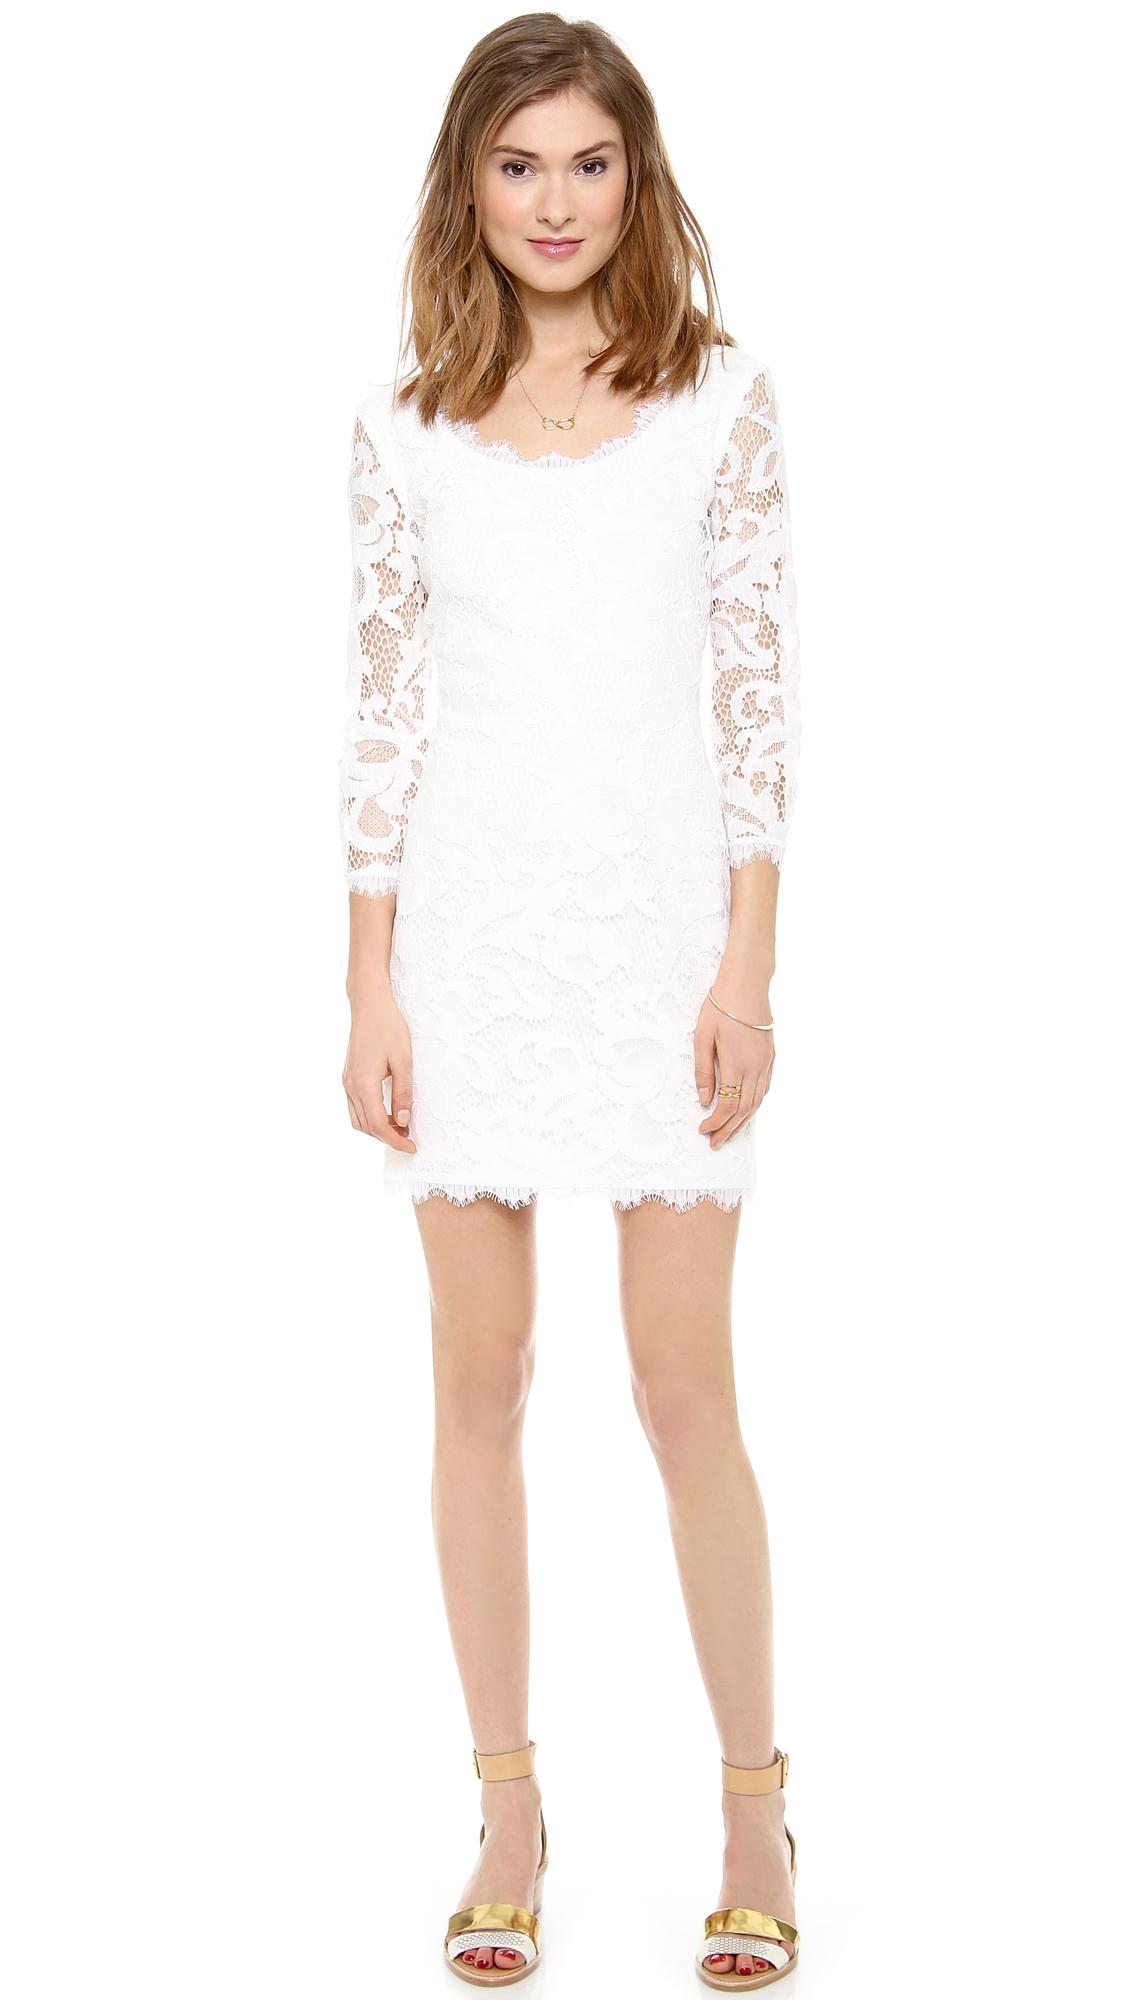 Diane von Furstenberg White Lace Dress